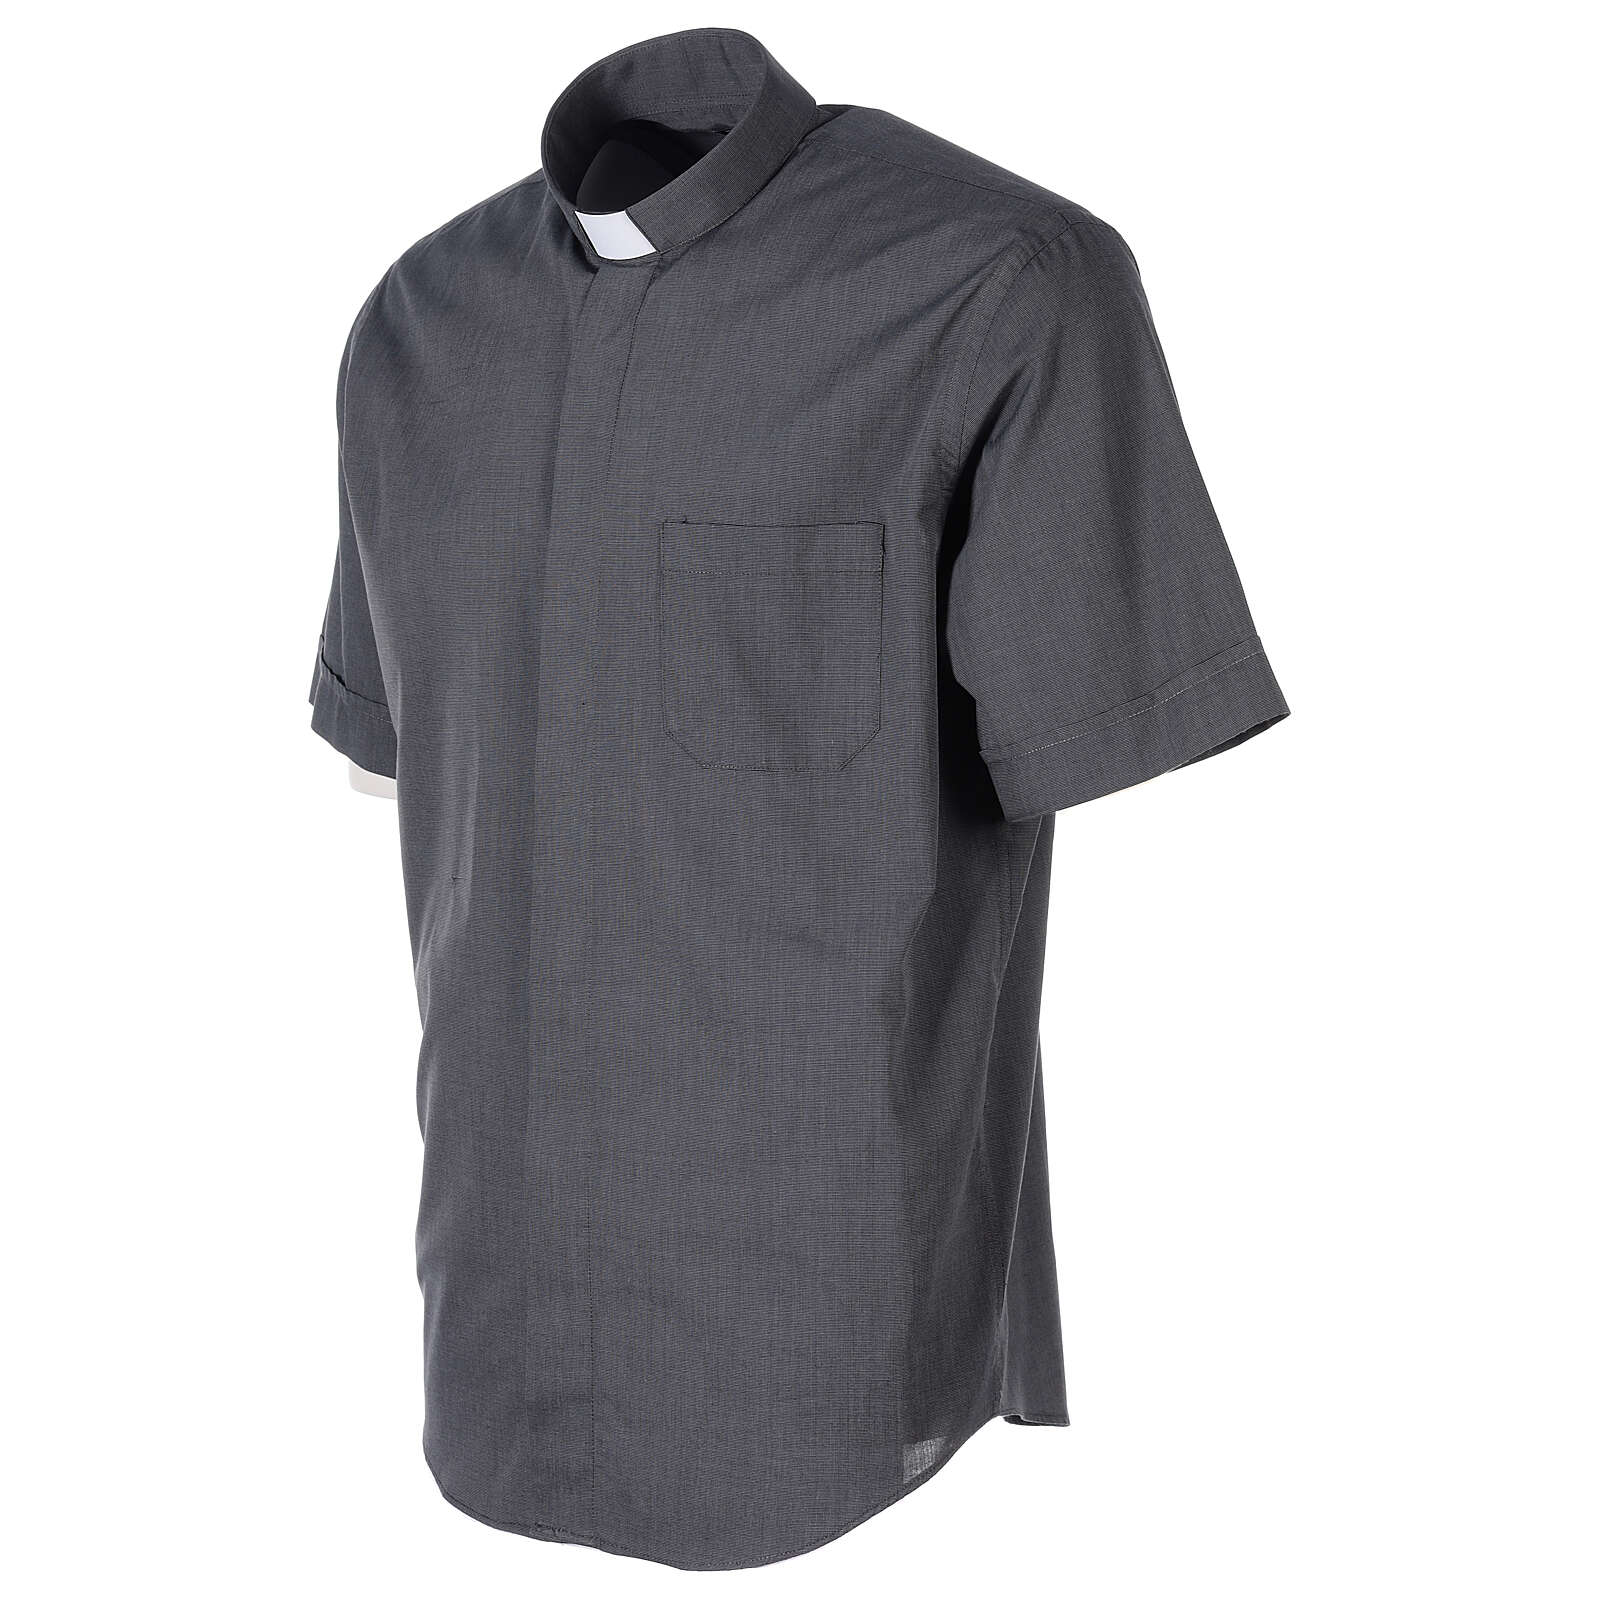 Camisa clergyman gris oscuro m. corta  4